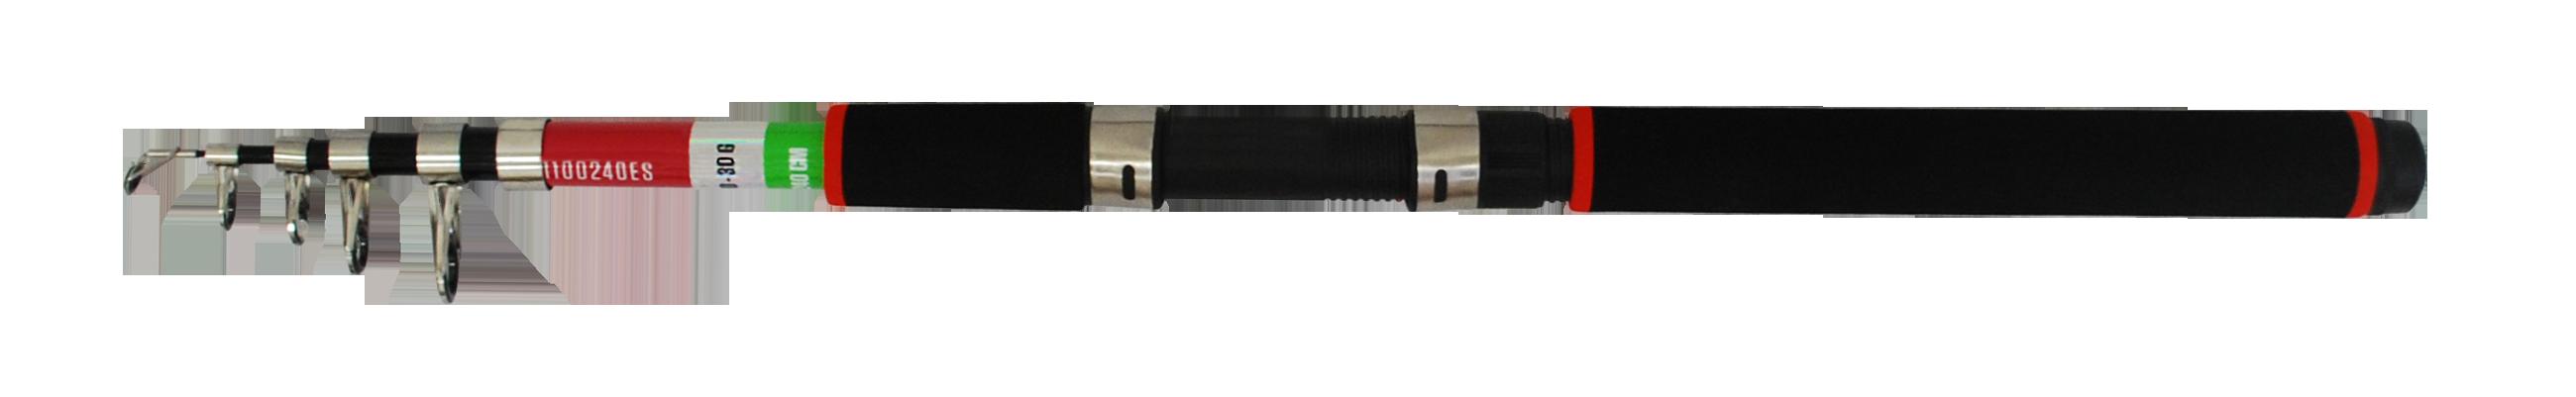 Basic Tele Spin 270